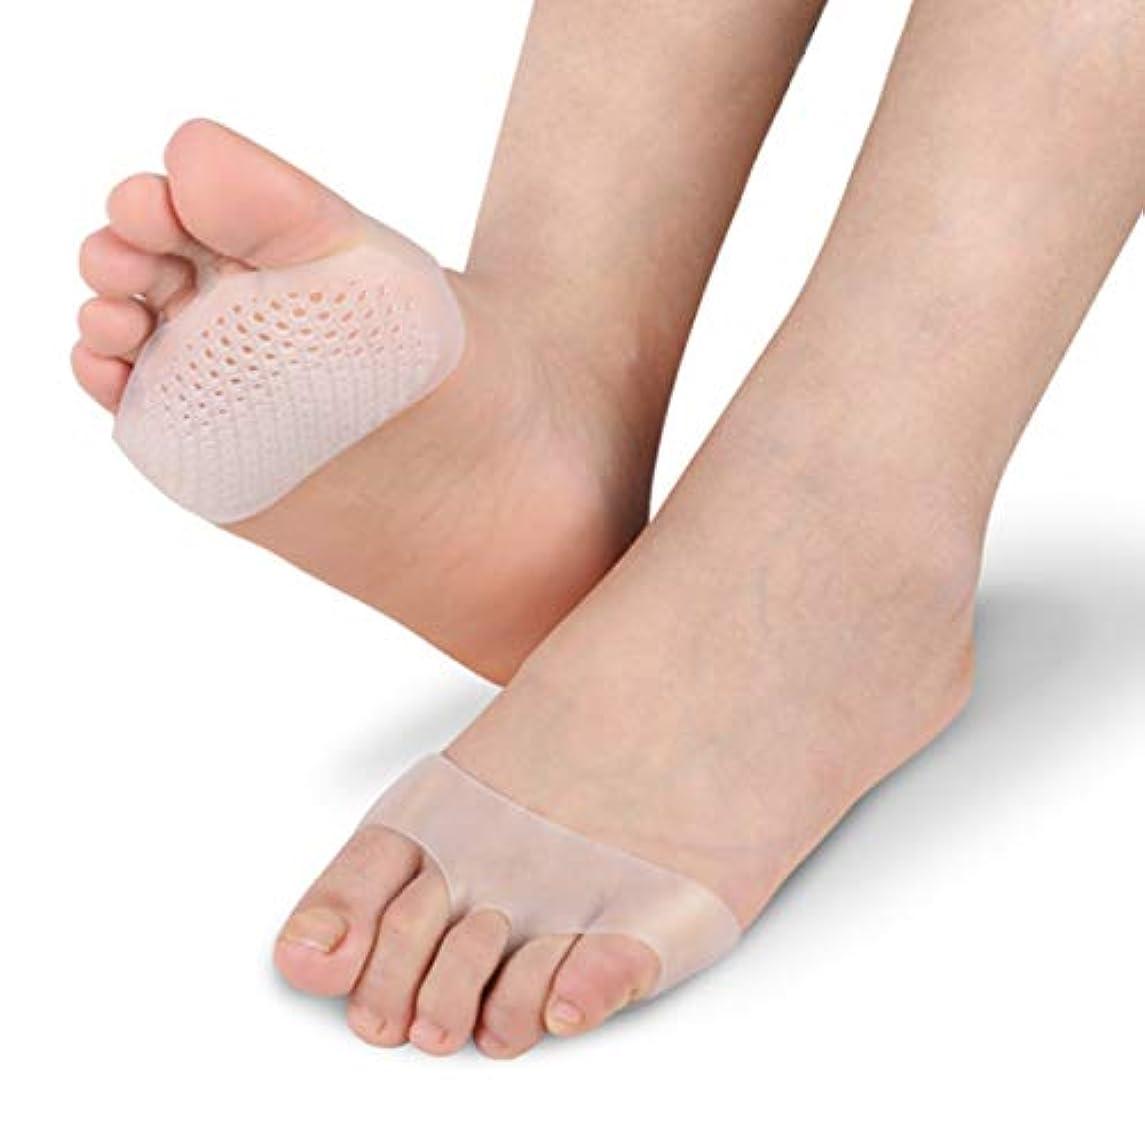 そこリッチ故障中DeeploveUU 通気性ソフトシリコーン女性インソールパッド滑り止め快適な女性フロントフットケアクッションハイヒールの靴パッド